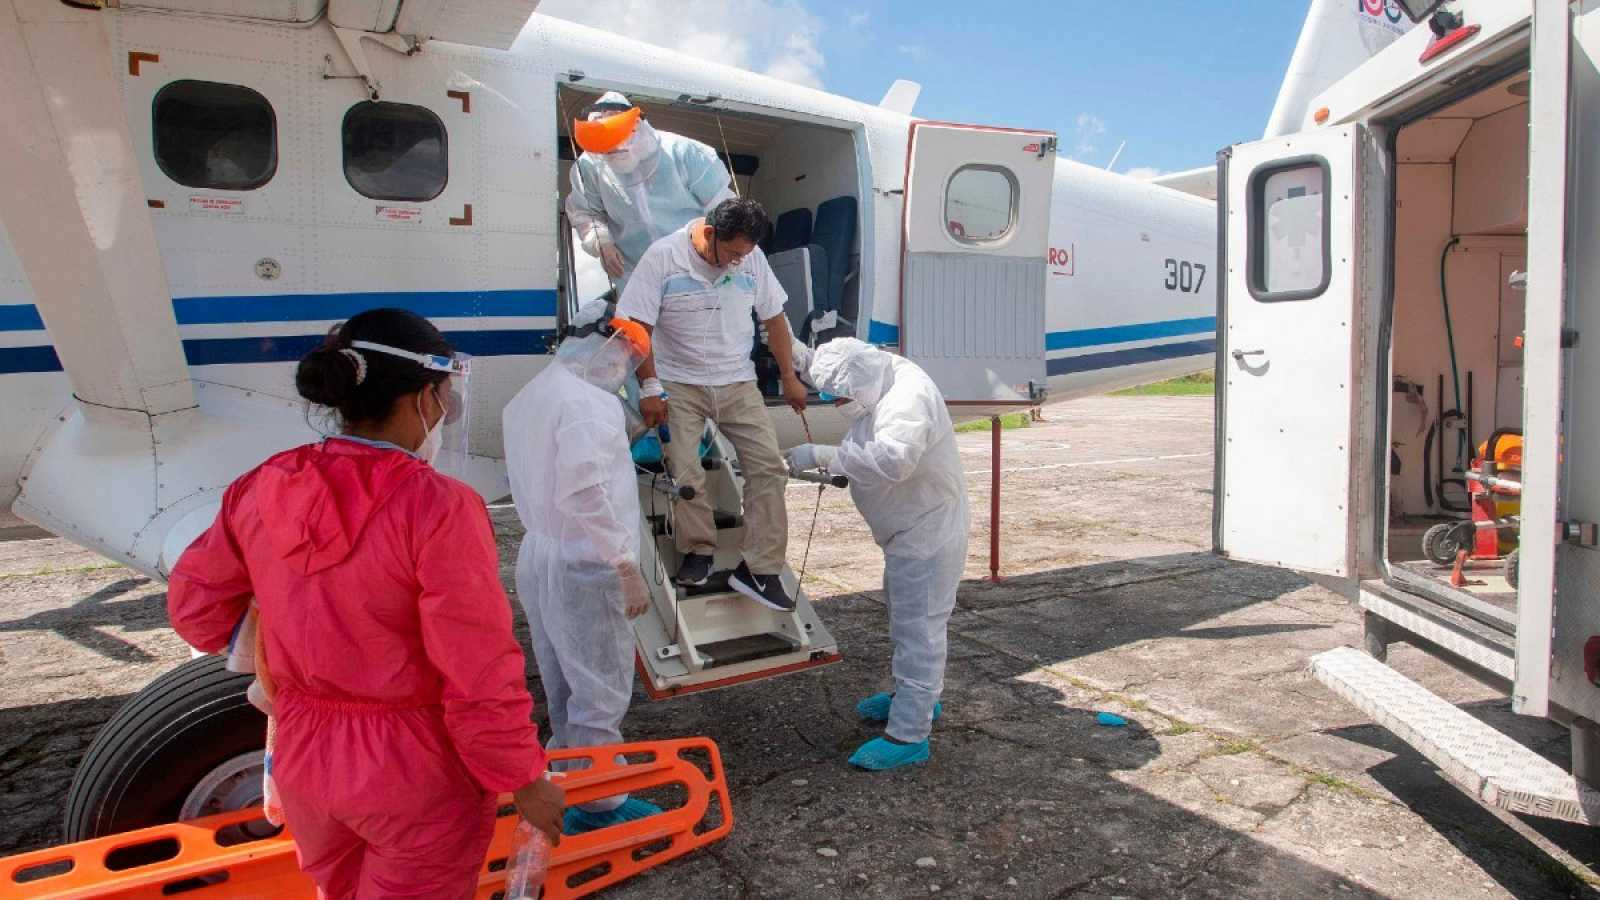 Un trabajador médico que muestra síntomas de la COVID-19 desciende de una aeronave en Iquitos, en el Amazonas en el norte de Perú